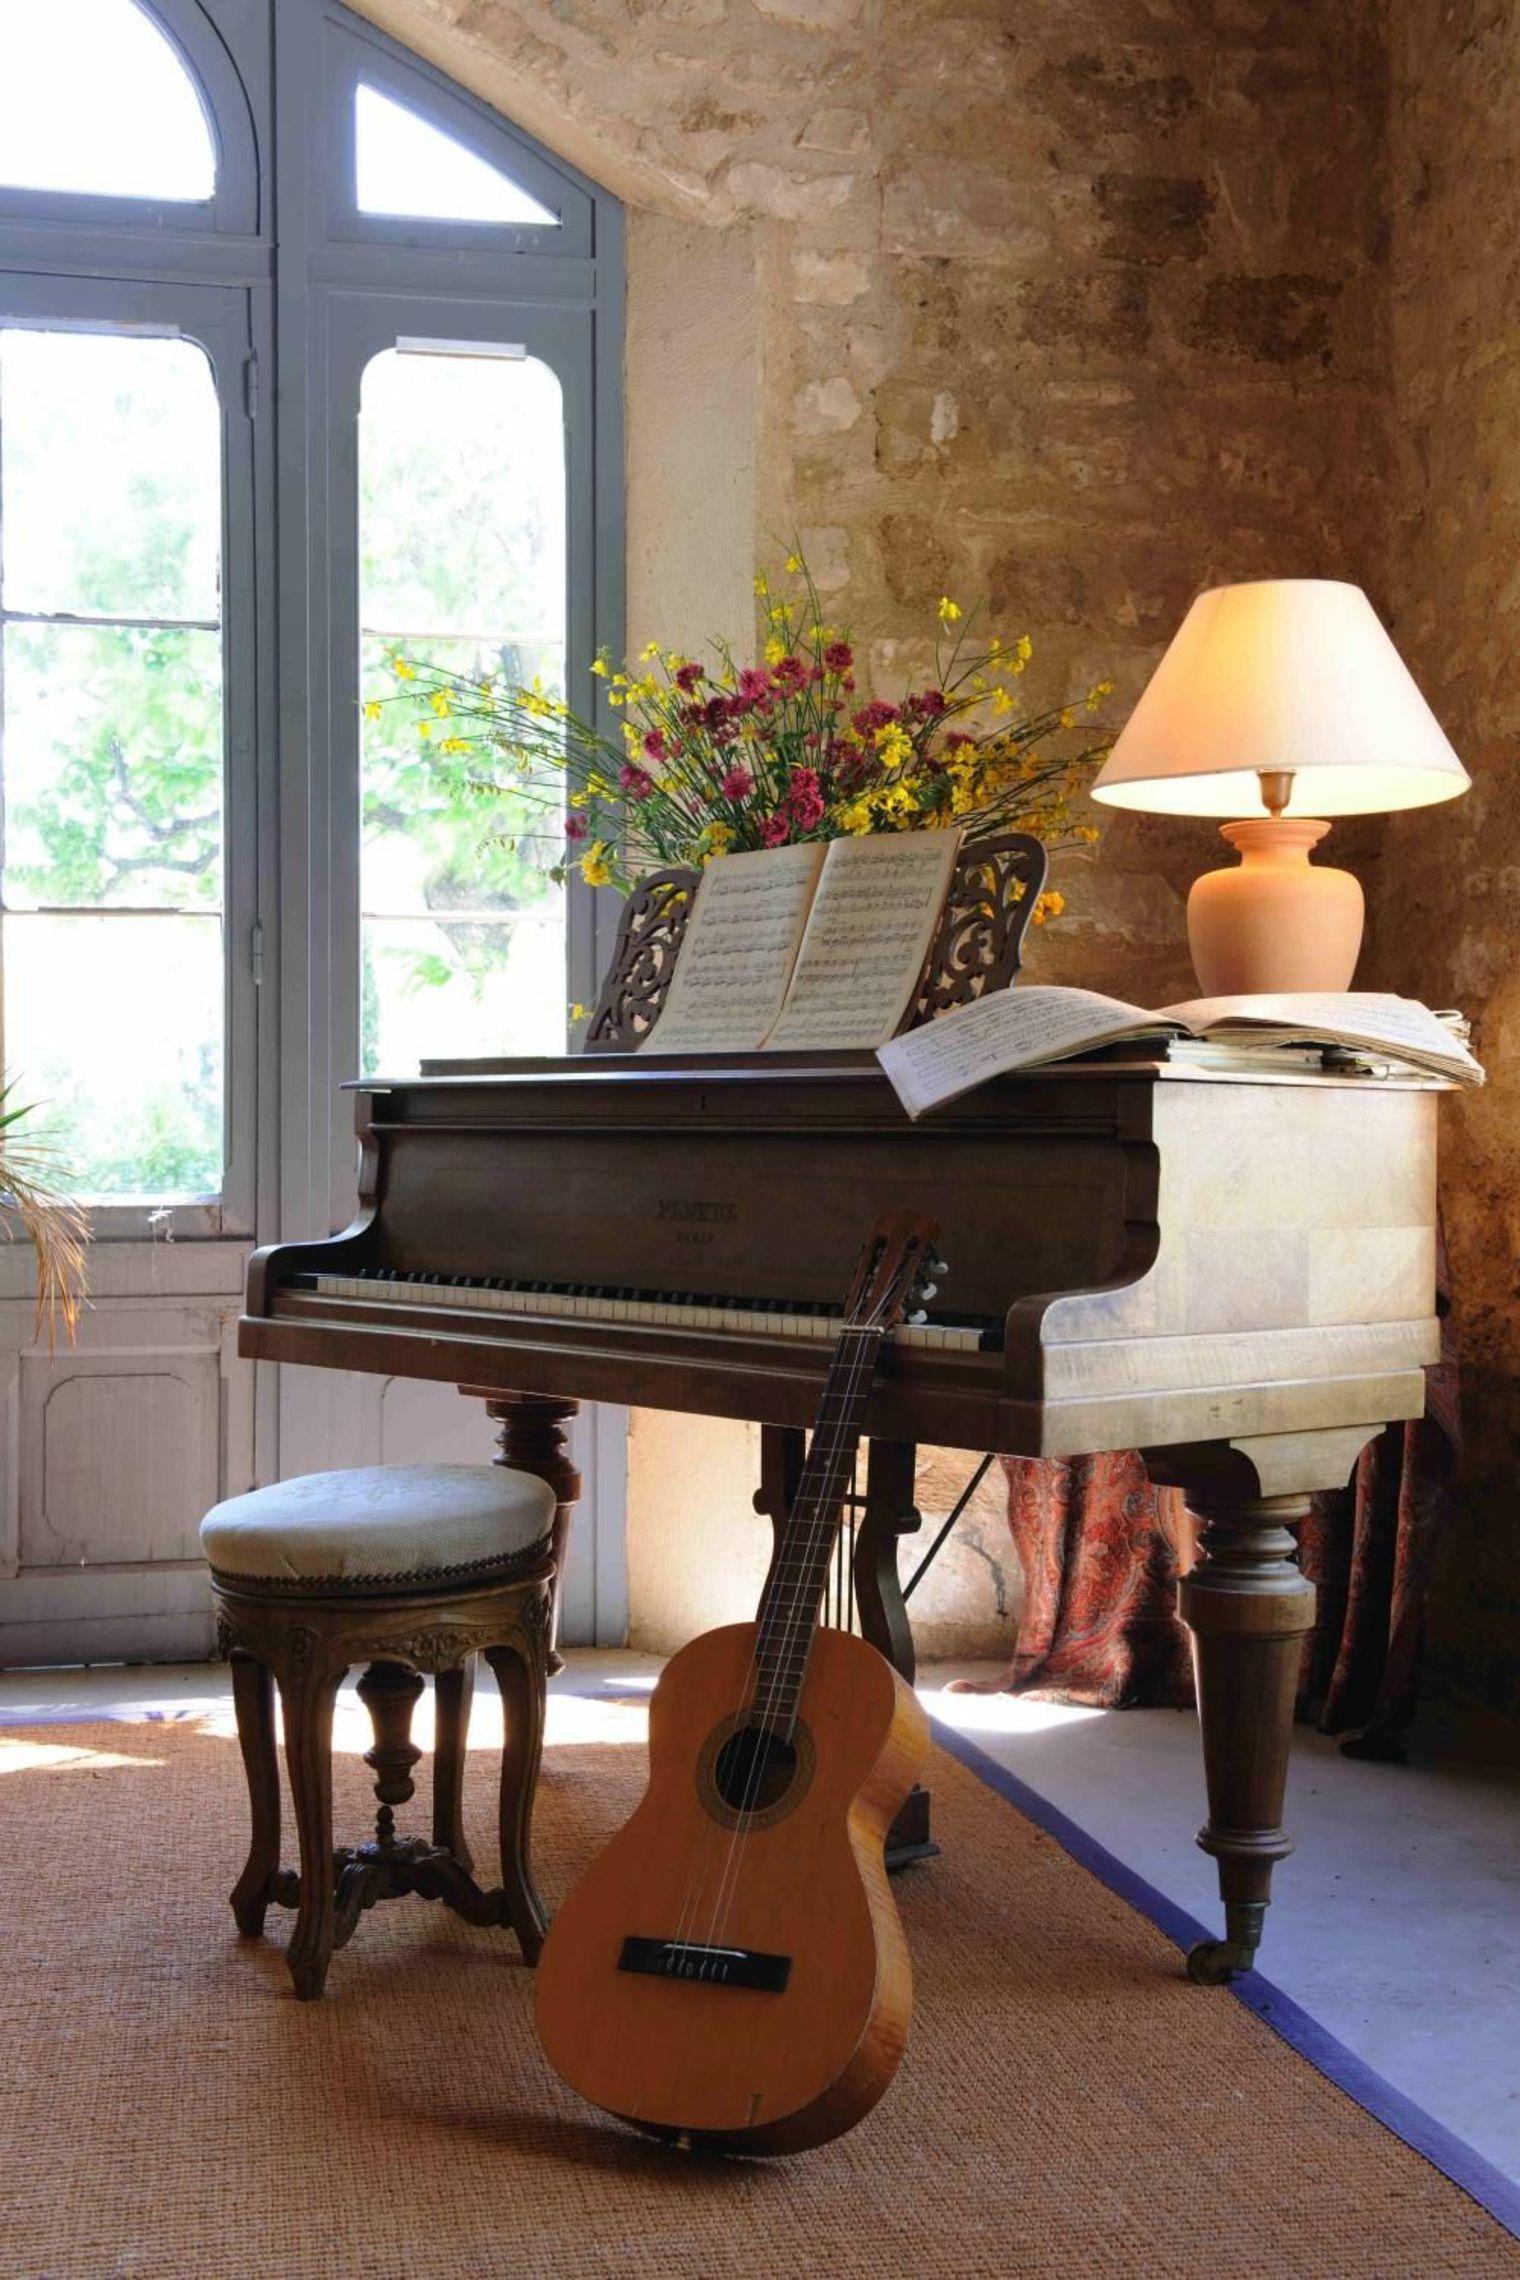 Decorare casa con strumenti musicali ecco 20 idee - Decorare casa con candele ...